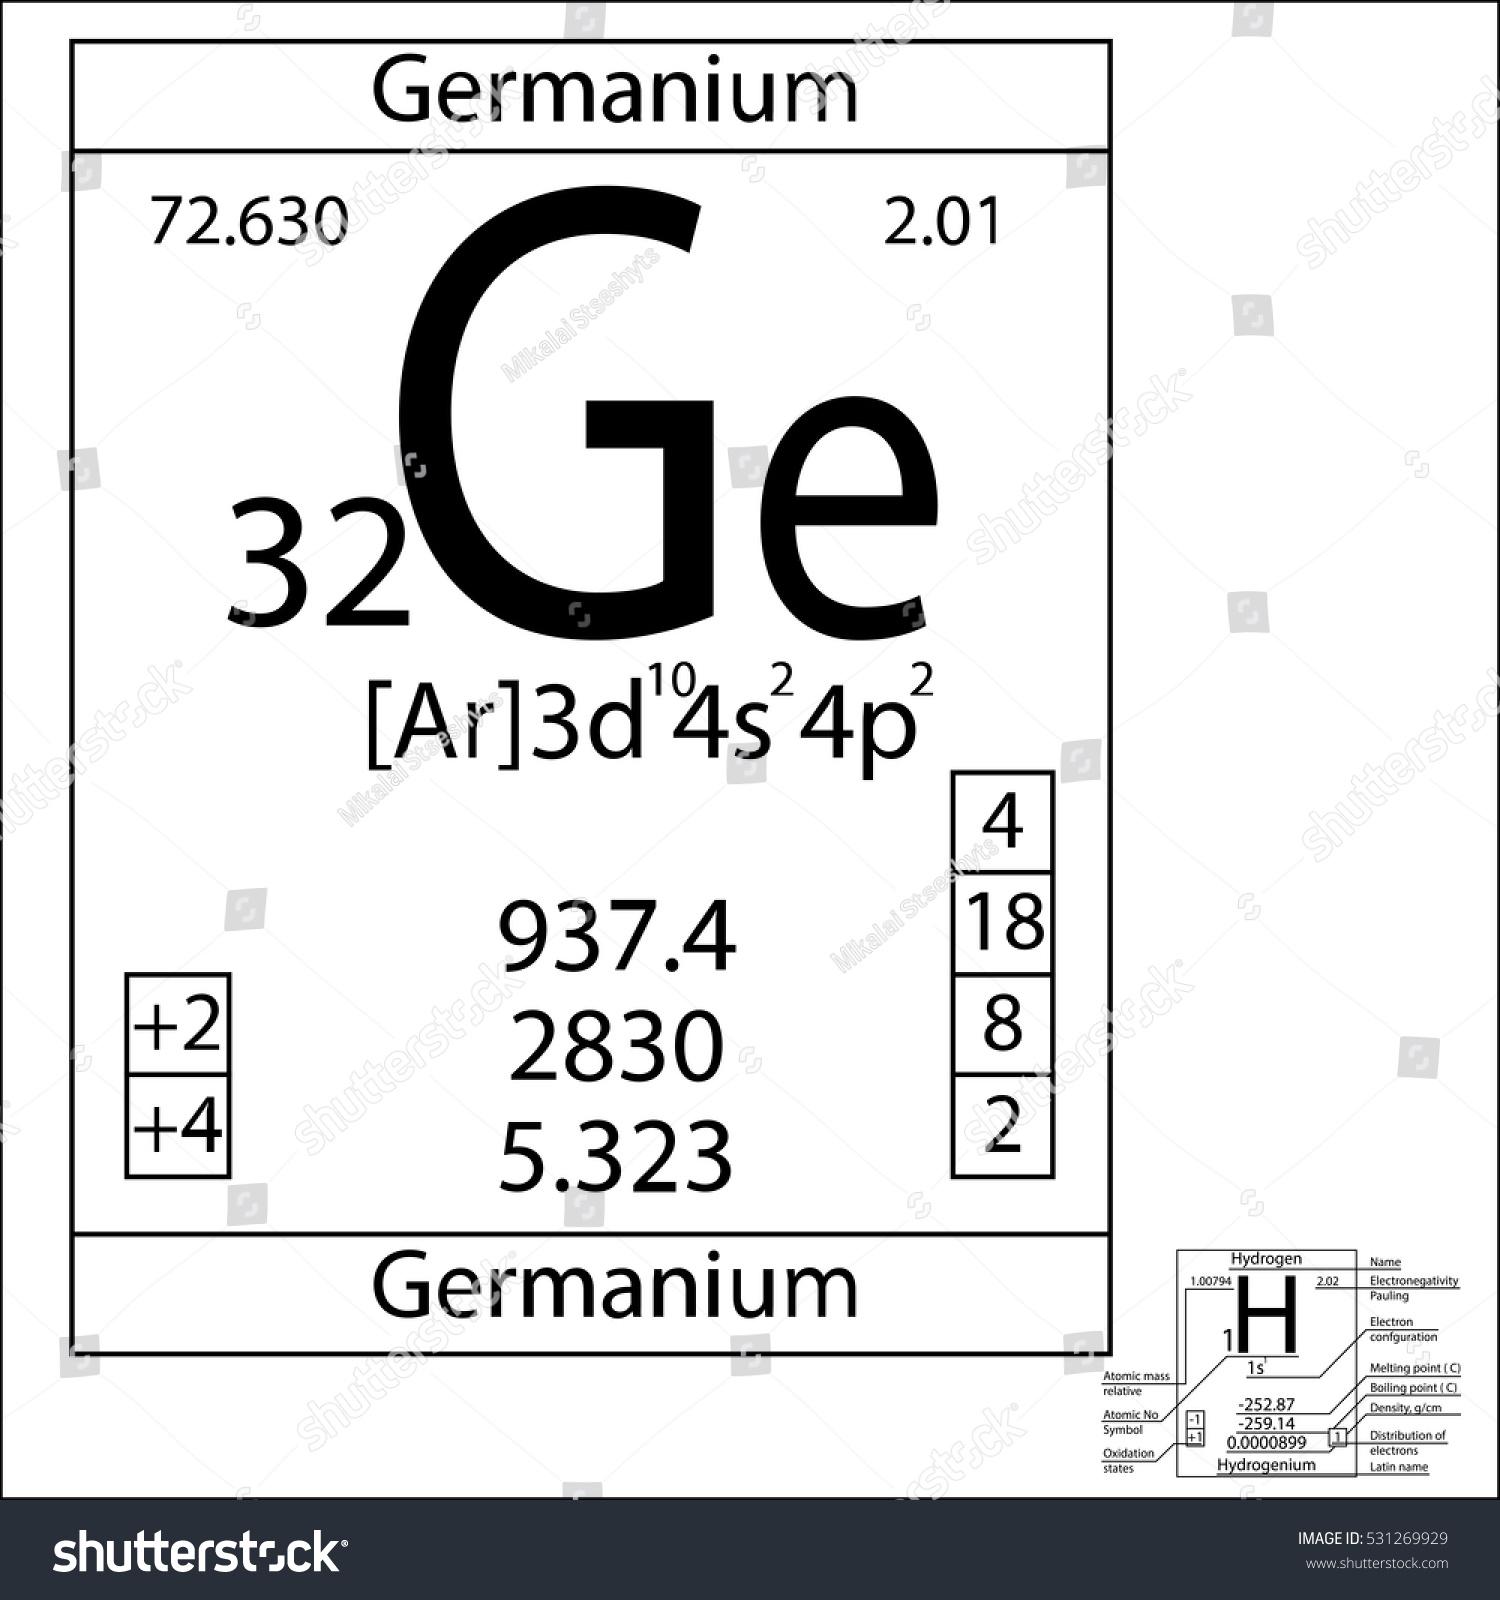 Periodic table element germanium basic properties stock vector the periodic table element germanium with the basic properties gamestrikefo Gallery